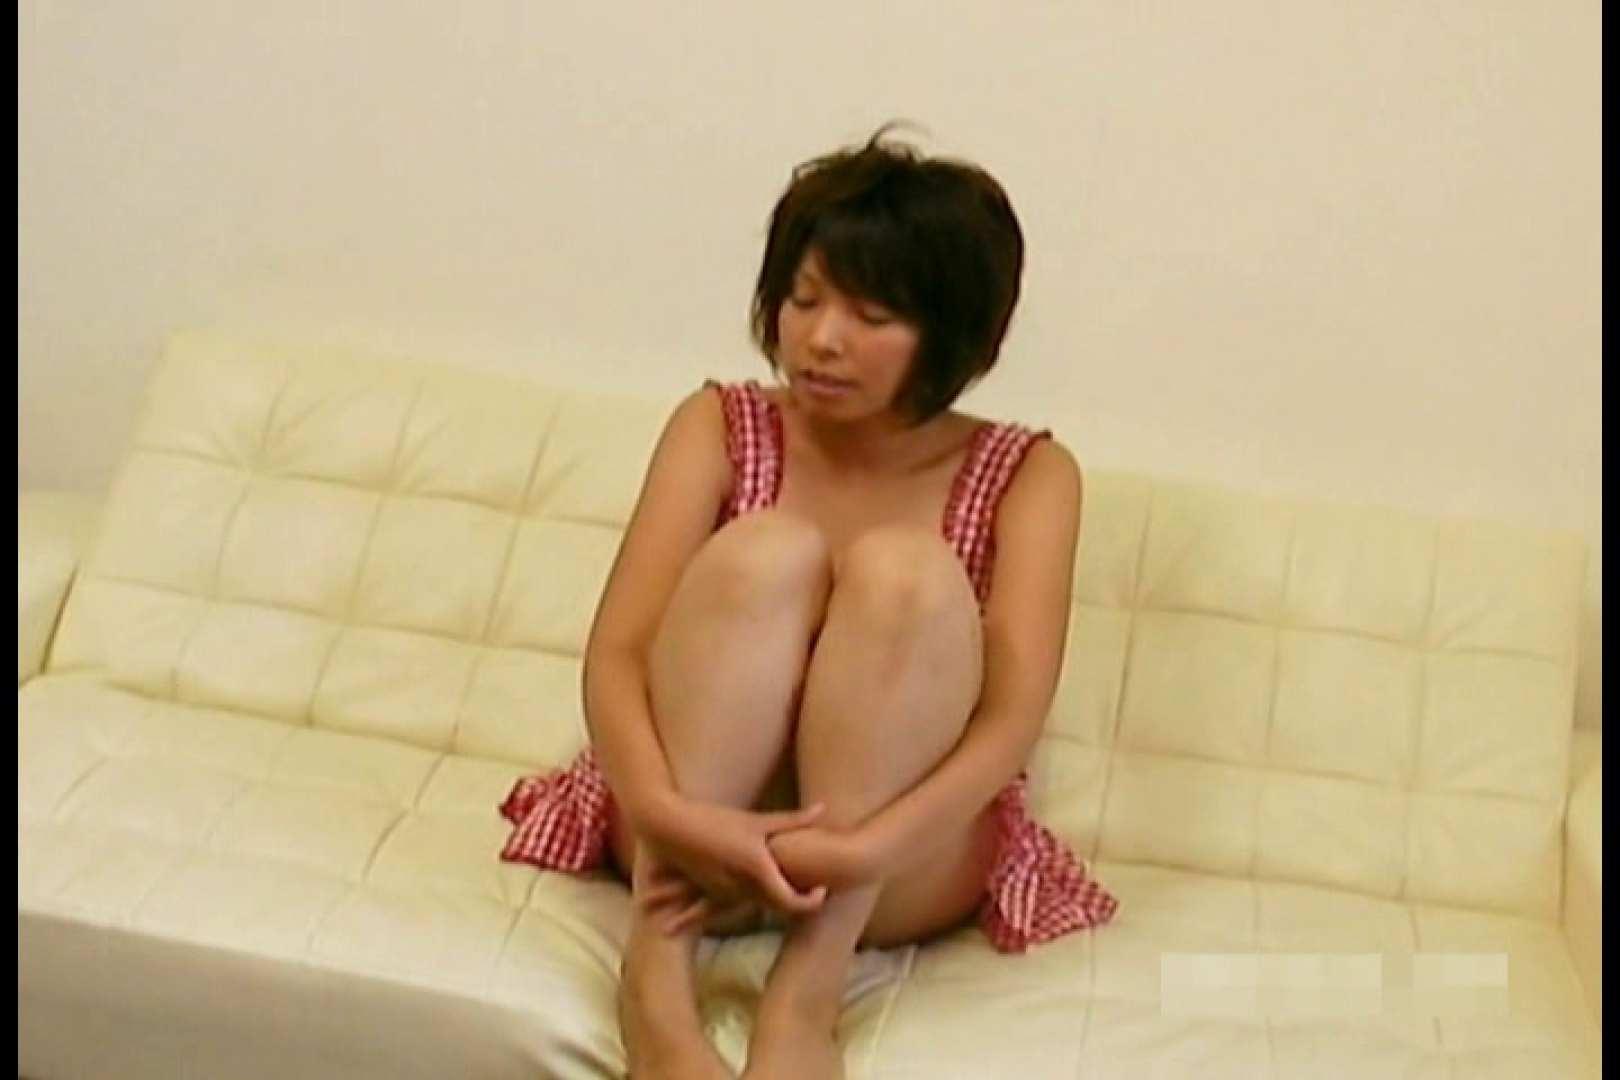 素人撮影 下着だけの撮影のはずが・・・エミちゃん18歳 マンコ・ムレムレ  90pic 54